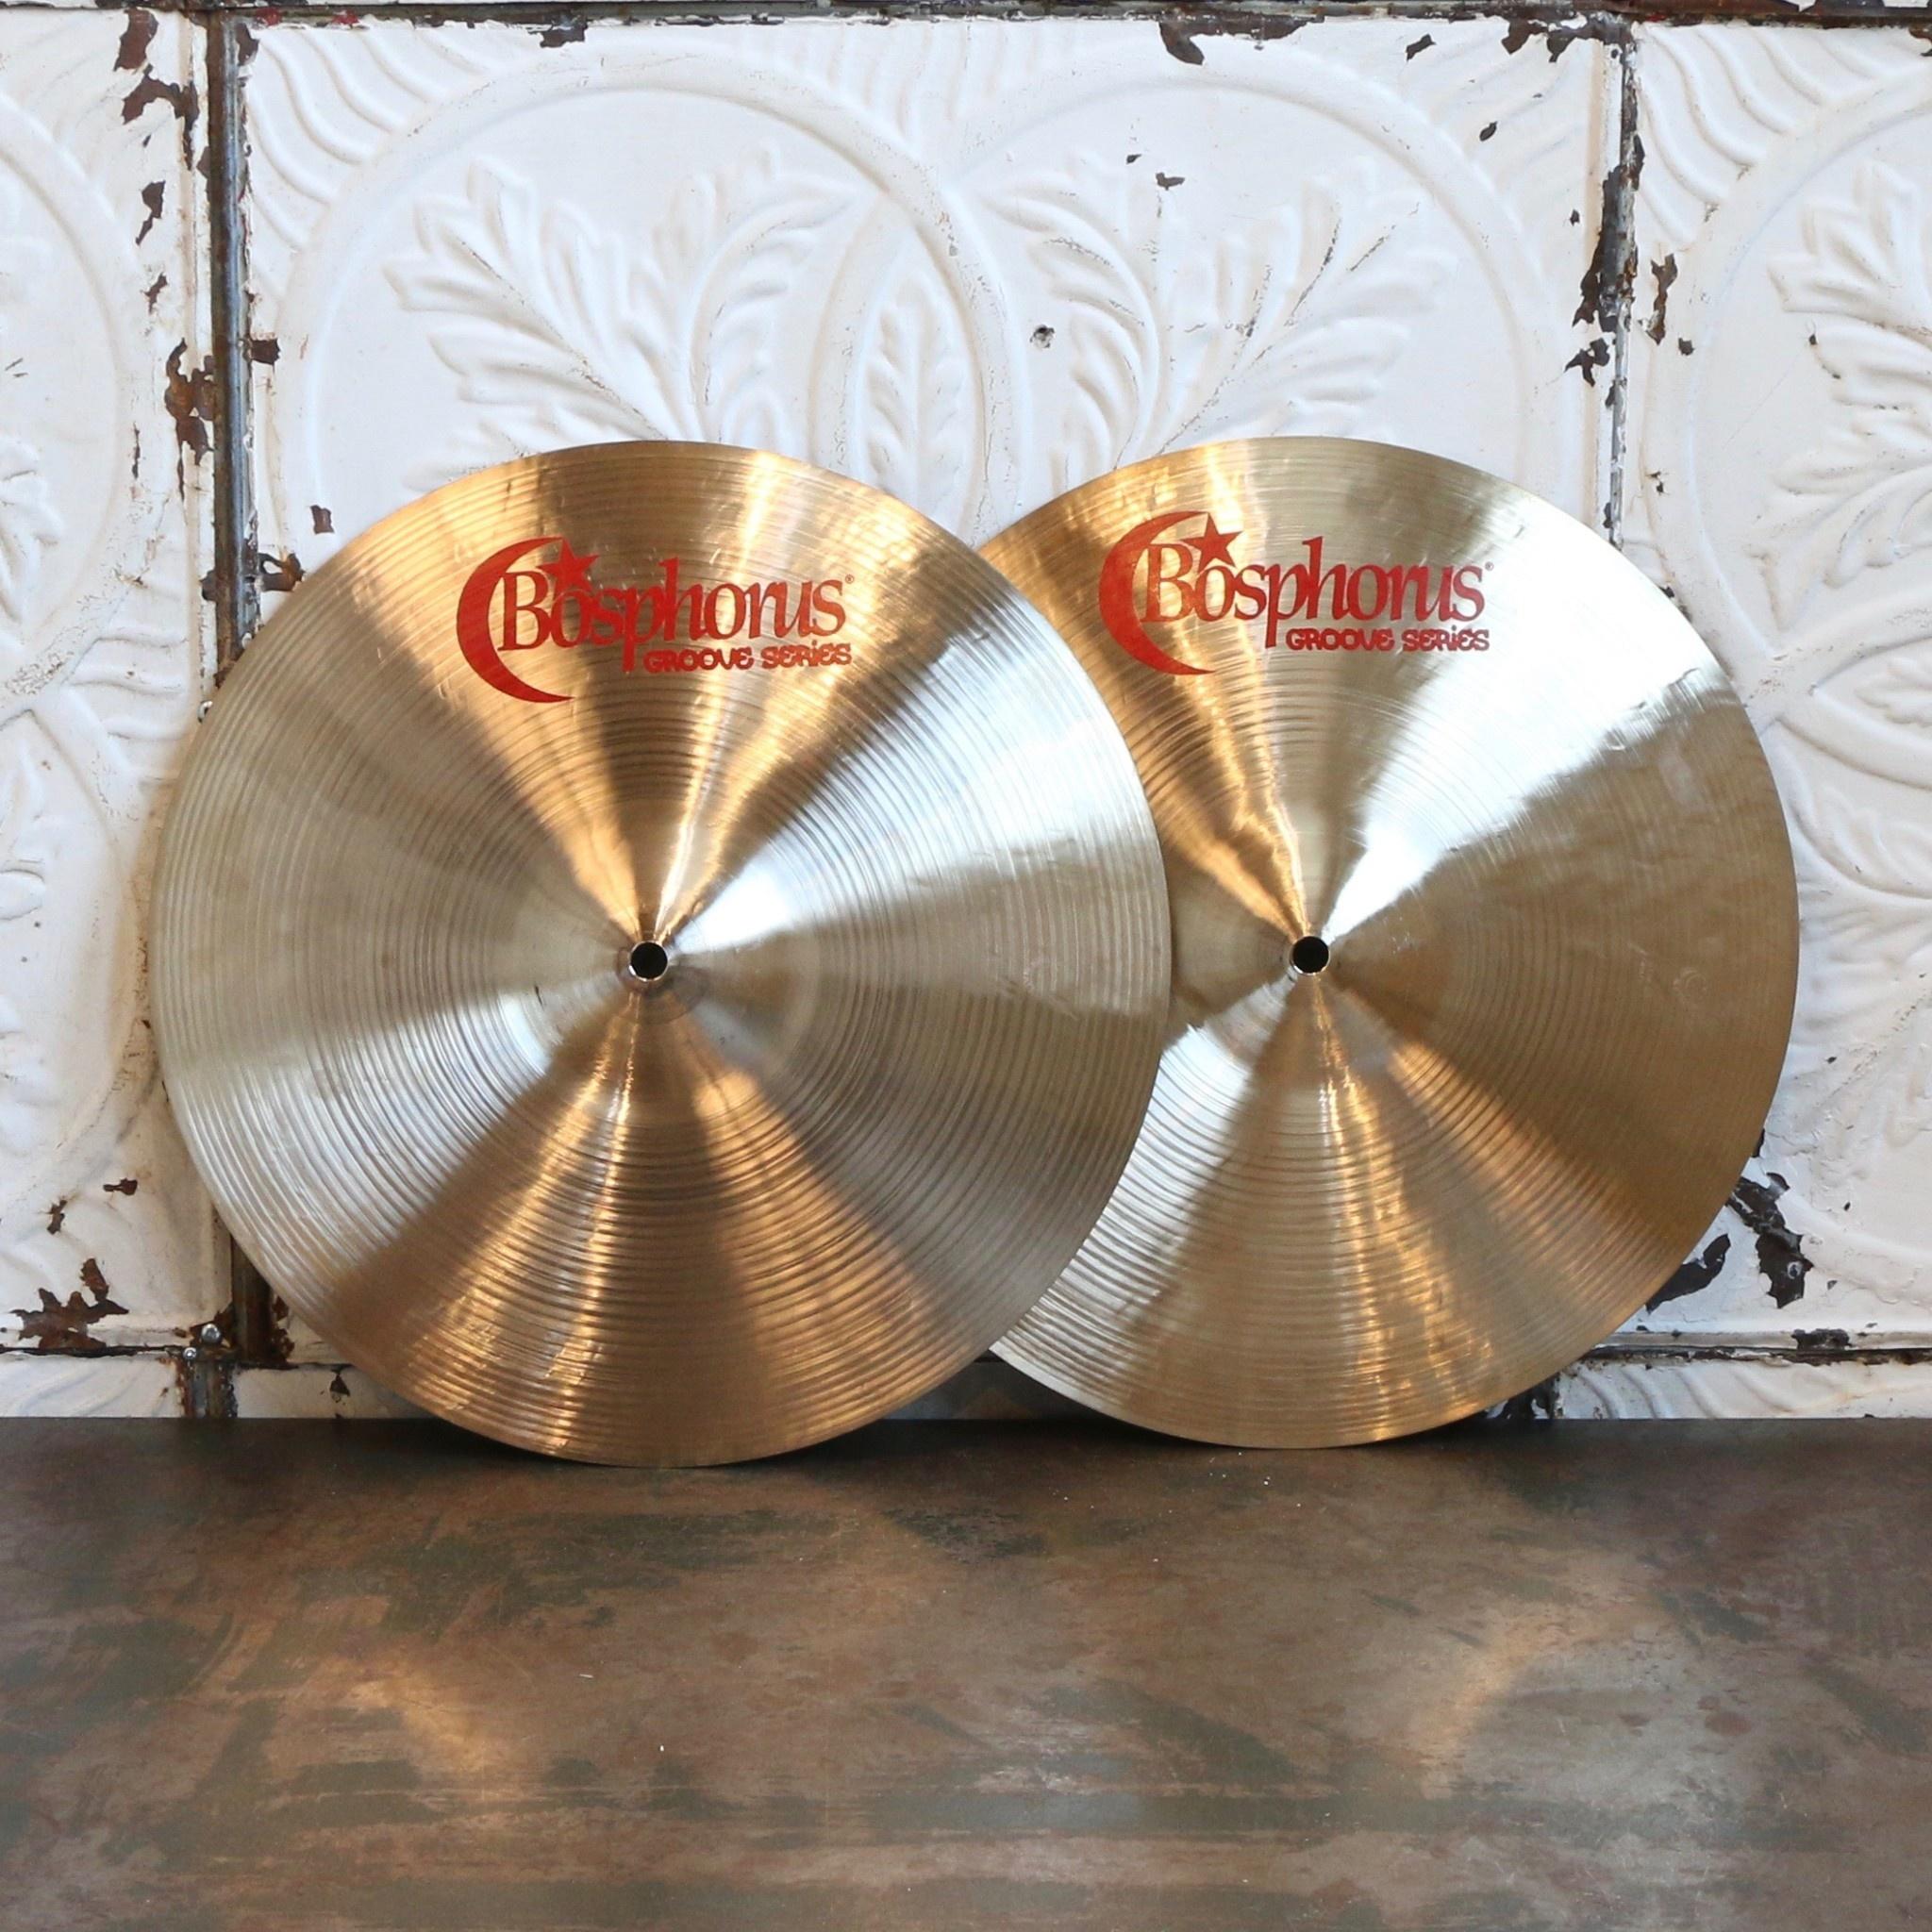 Bosphorus Bosphorus 14in Groove Series Fat Hat